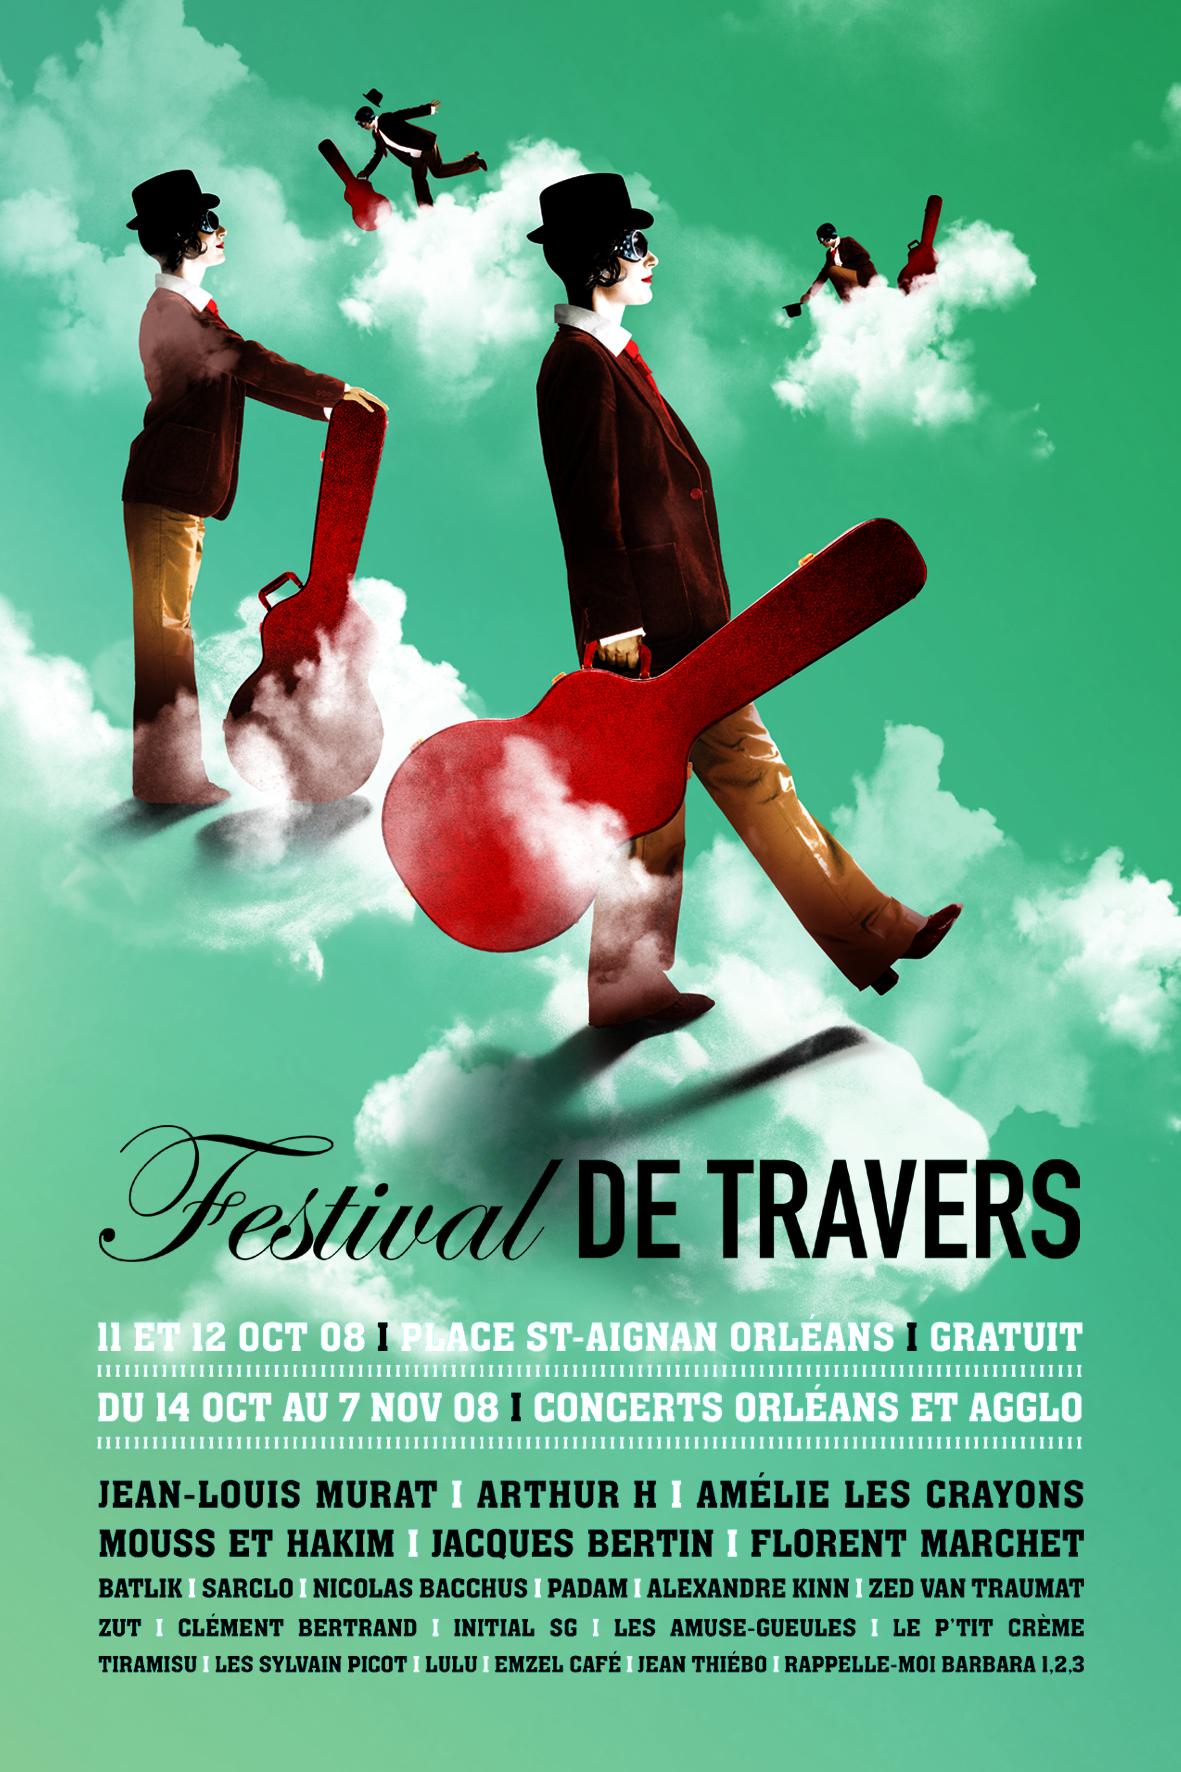 Affiche Festival de Travers 2008